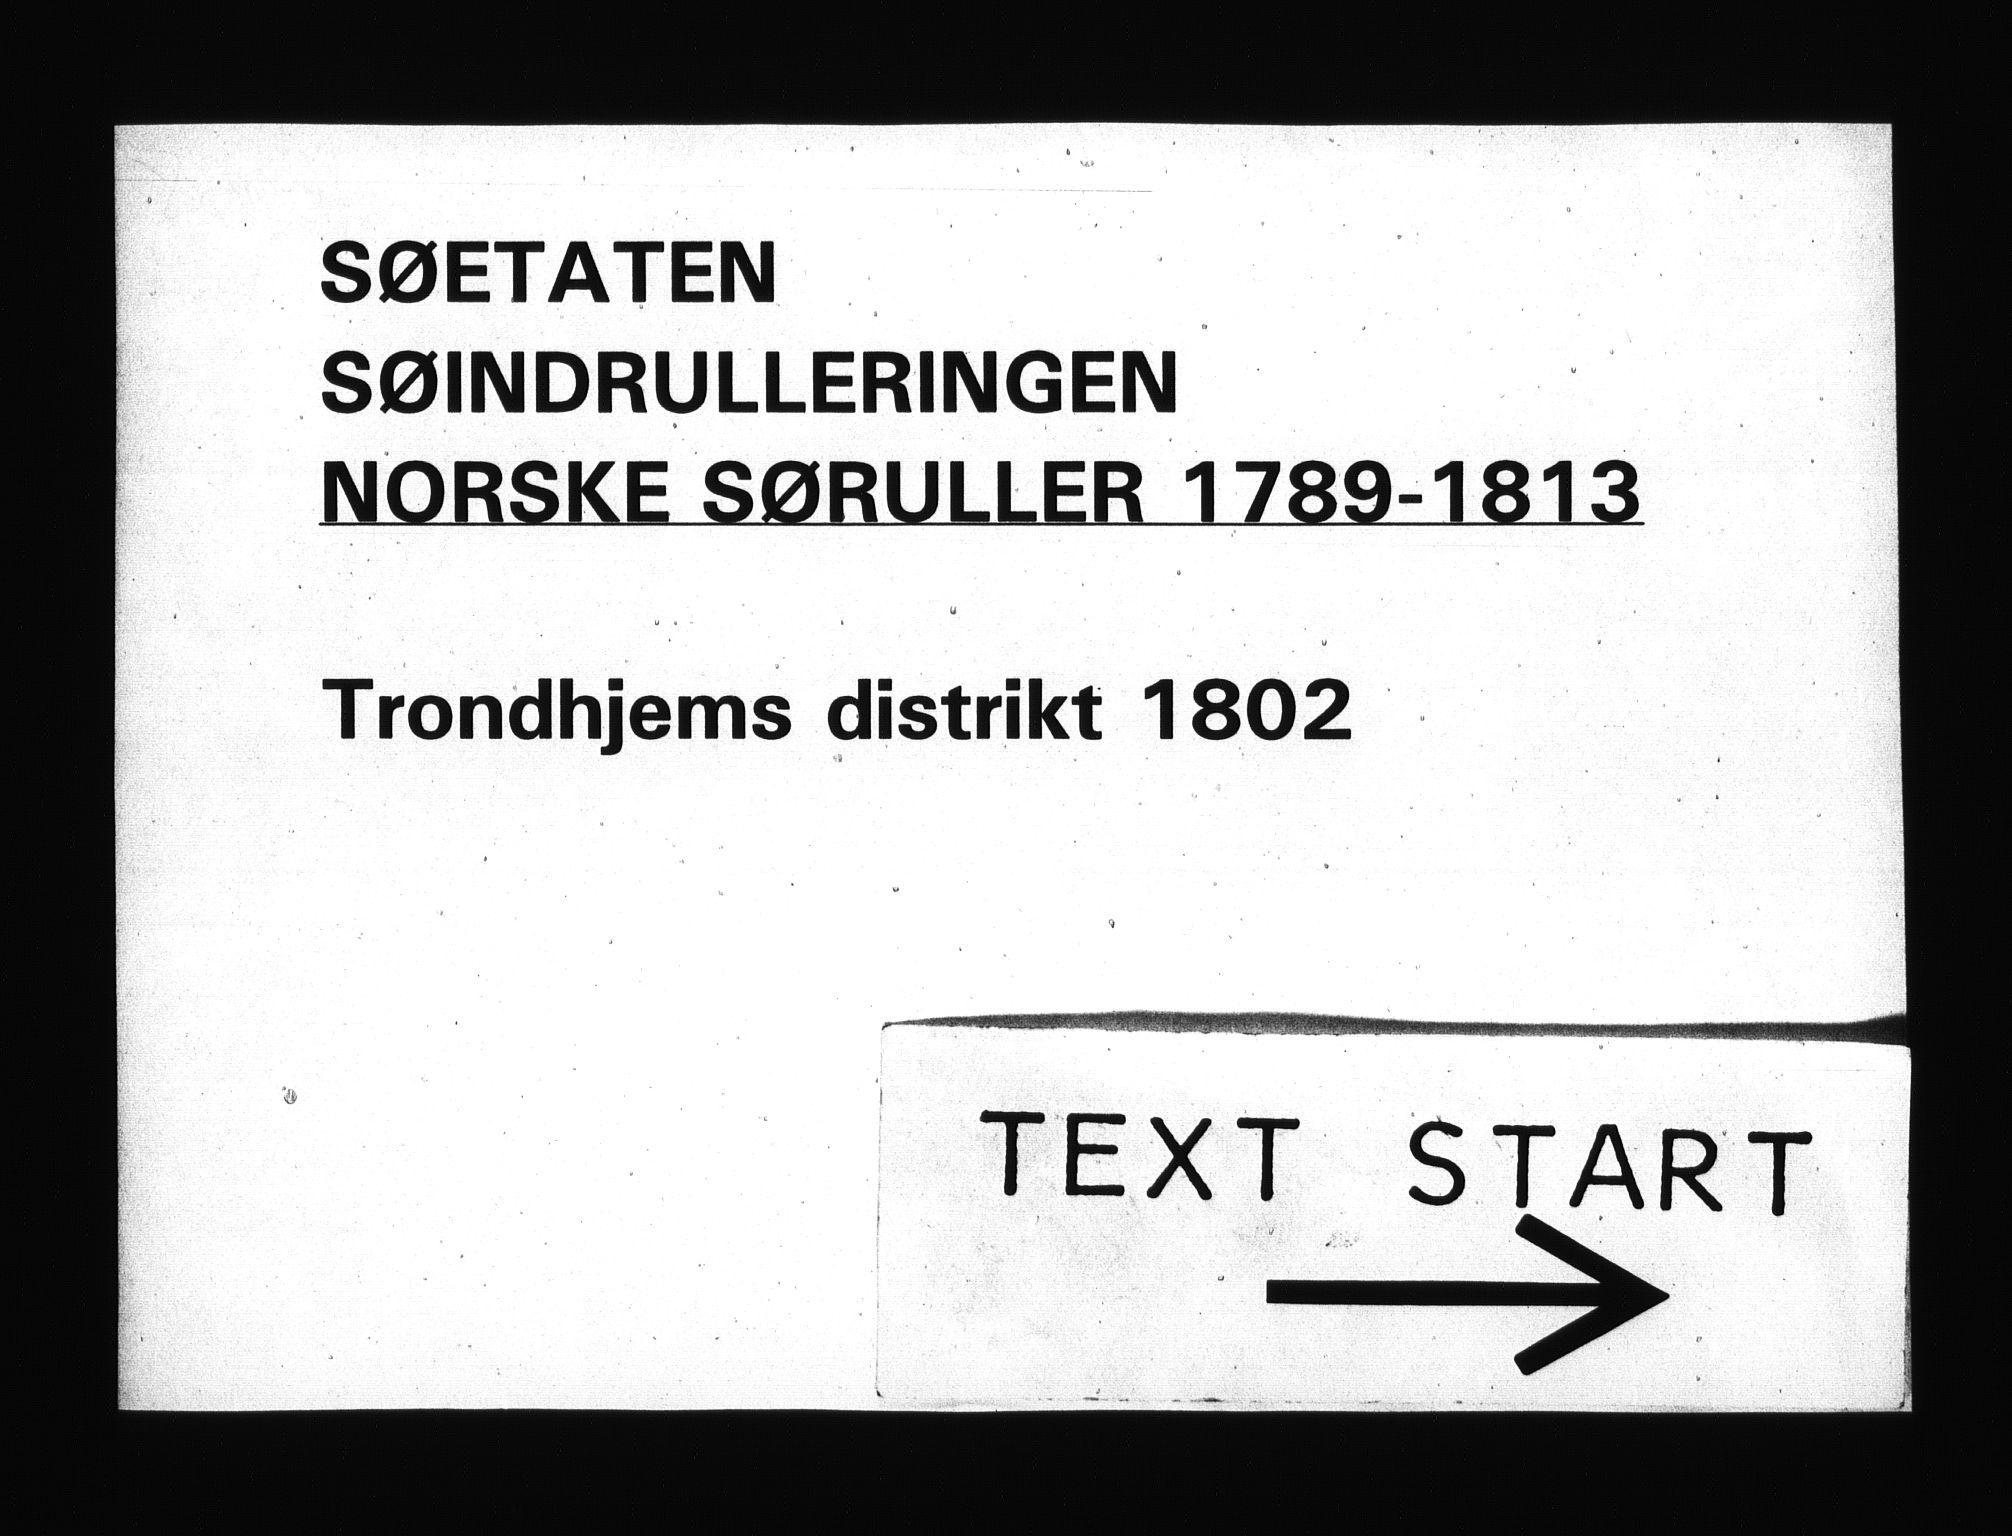 RA, Sjøetaten, F/L0330: Trondheim distrikt, bind 1, 1802